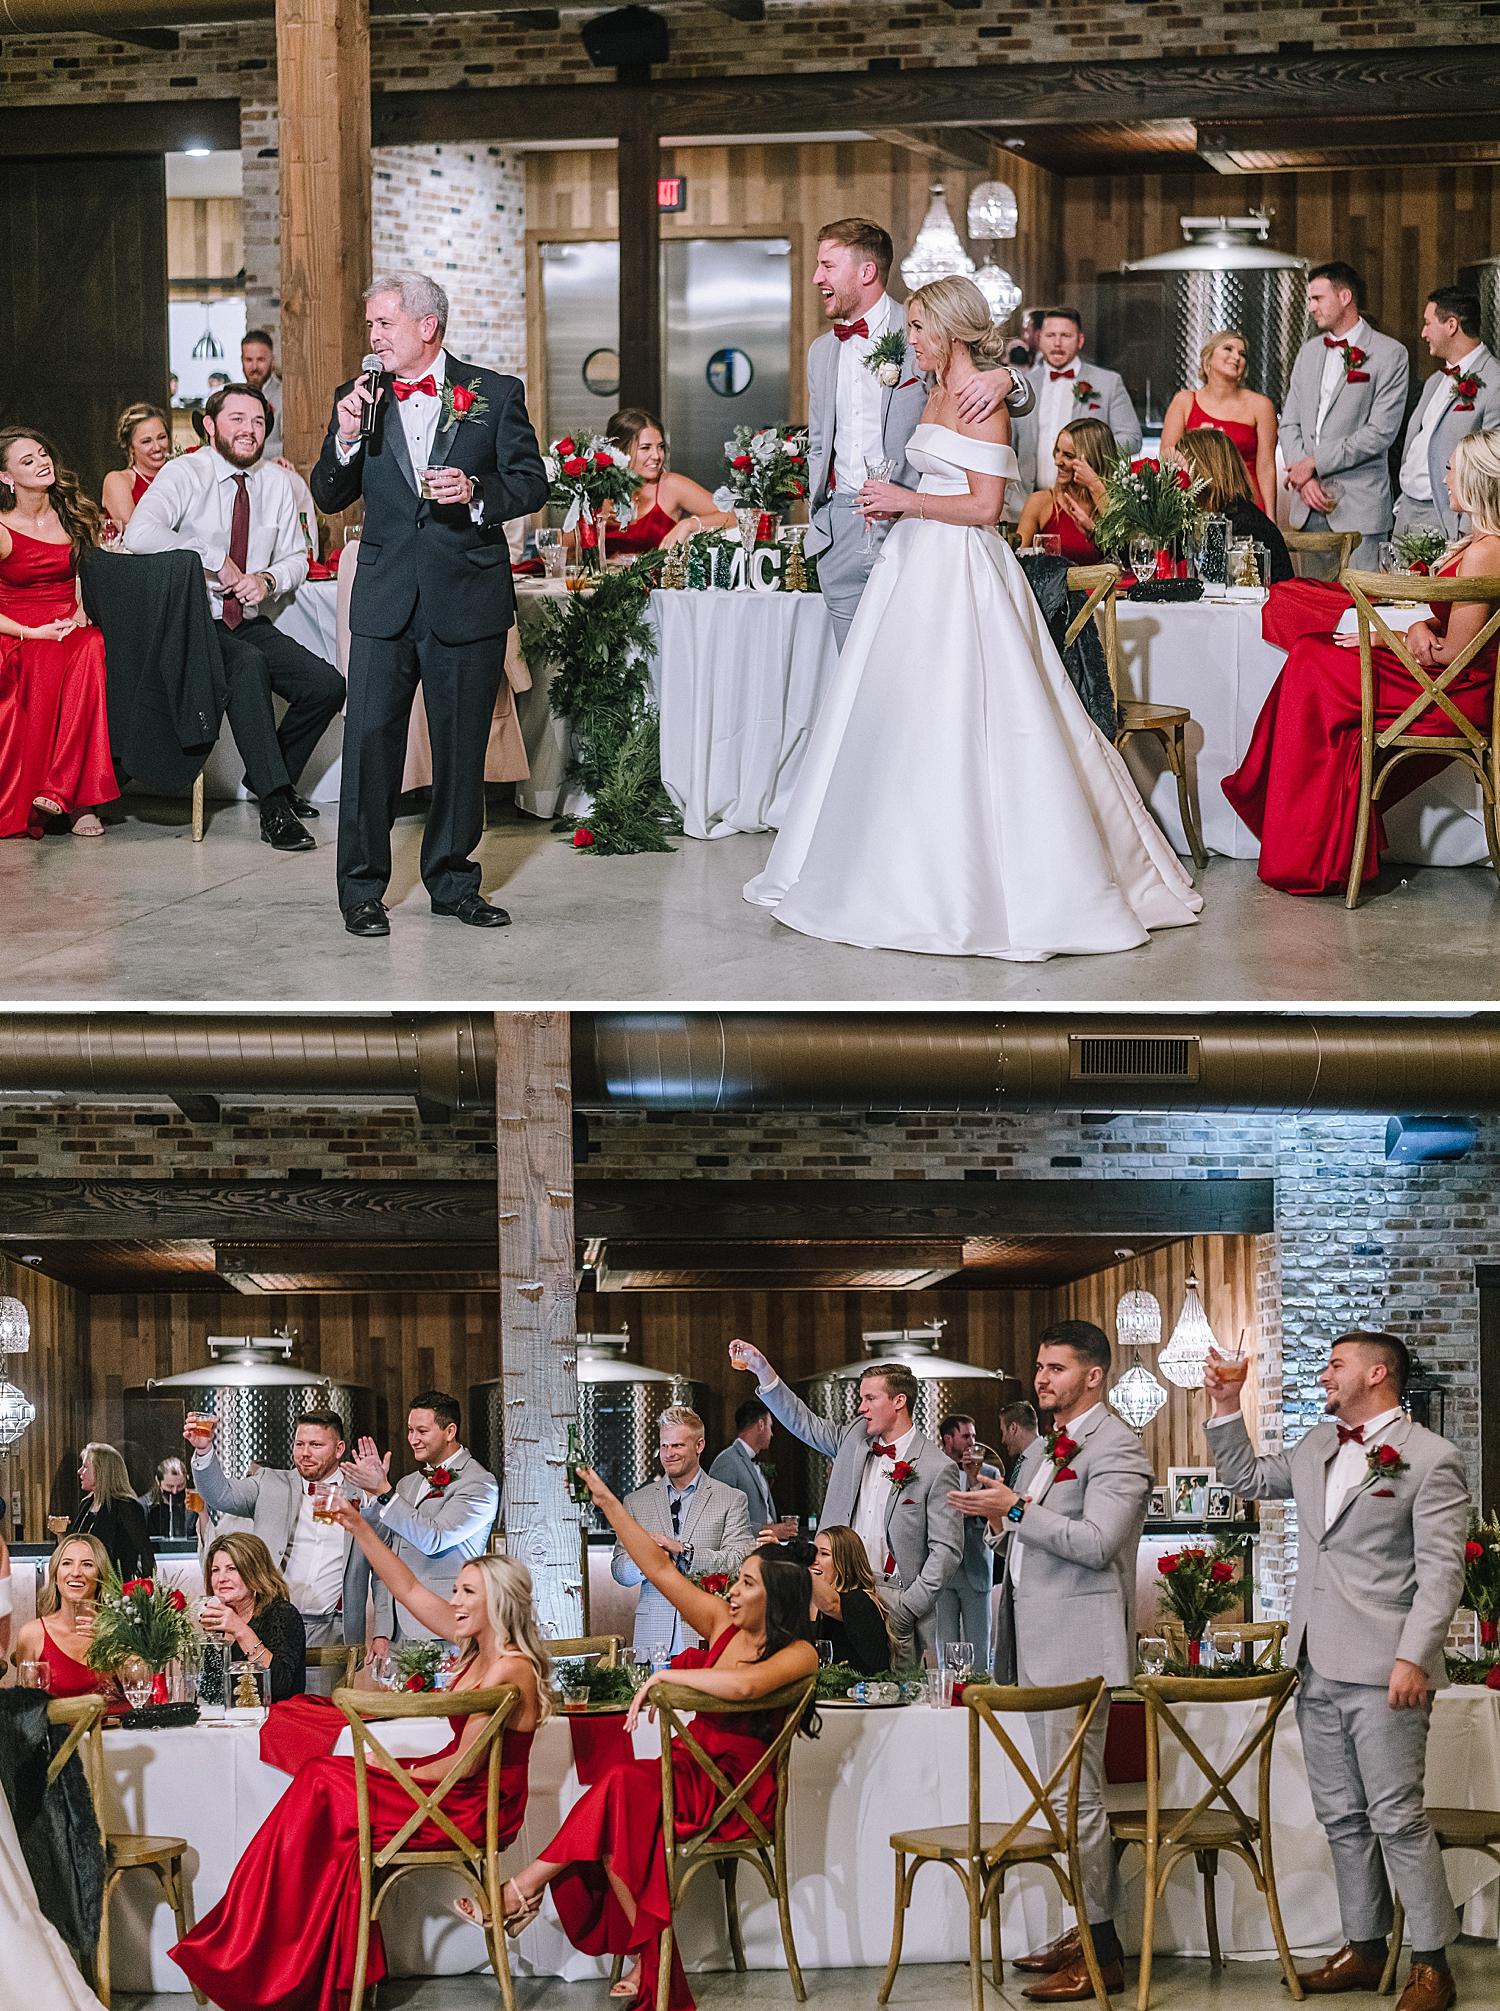 College-Station-Aggie-Wedding-The-Weinberg-at-Wixon-Valley-Christmas-Hallmark-Wedding_0143.jpg